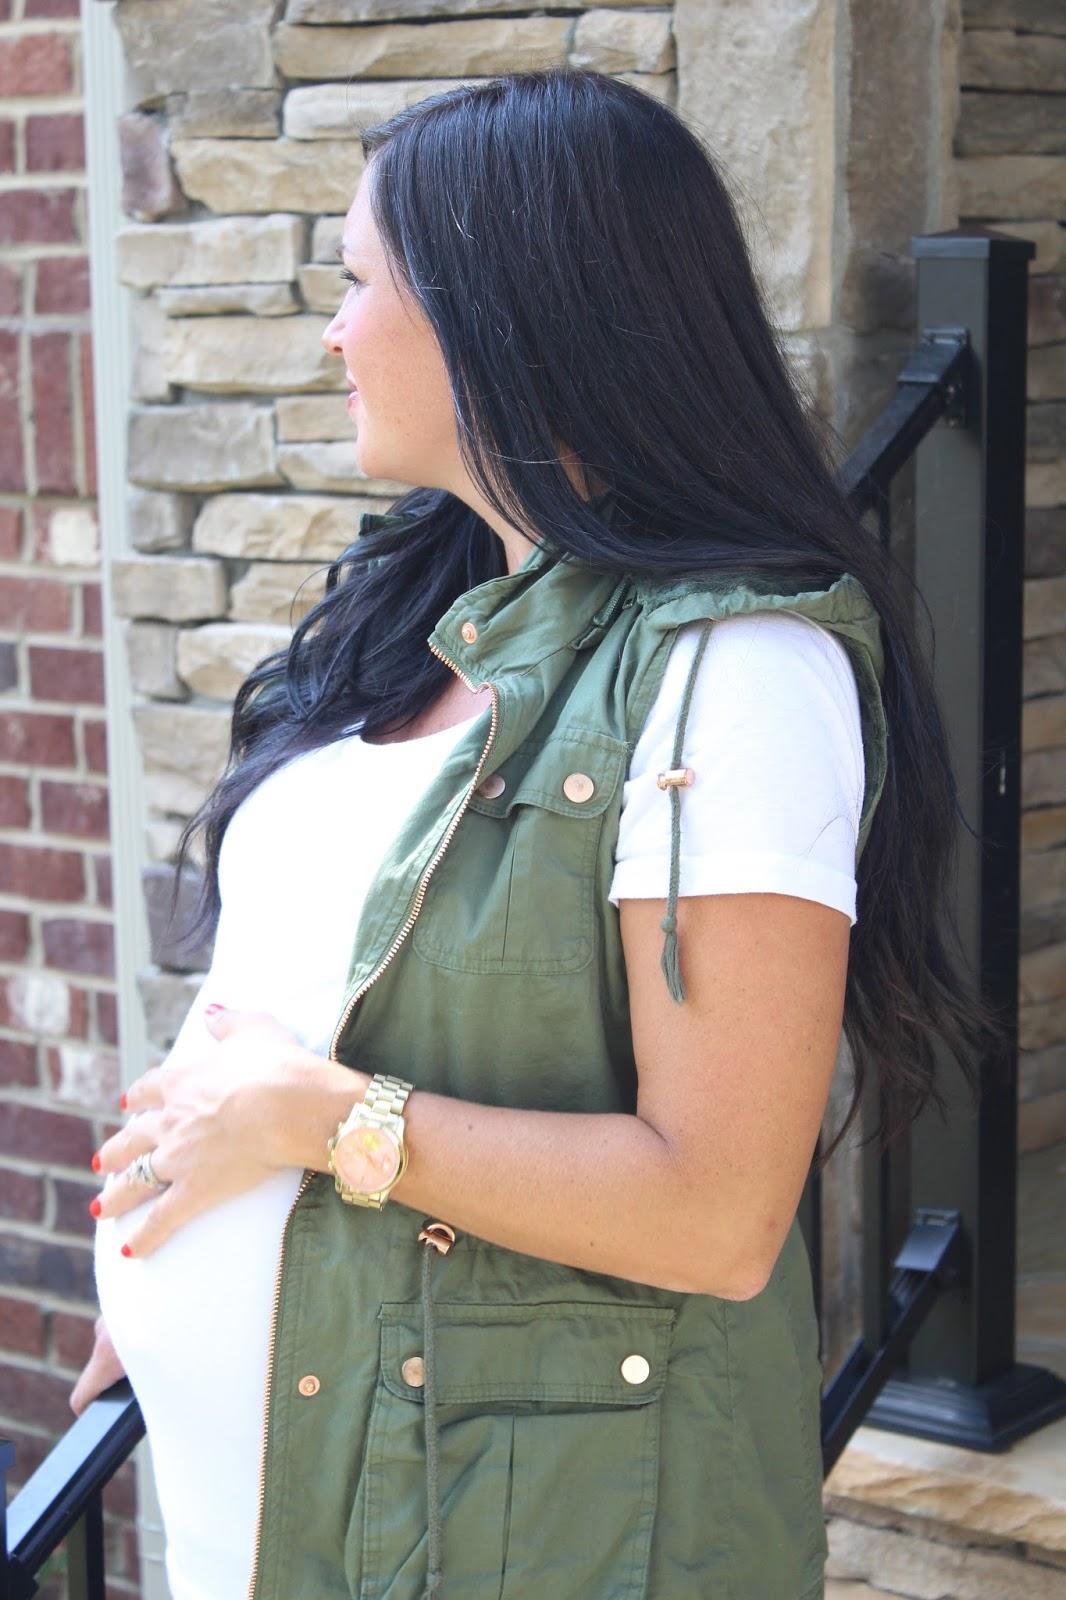 Vest, Jeans, 38 Weeks pregnant